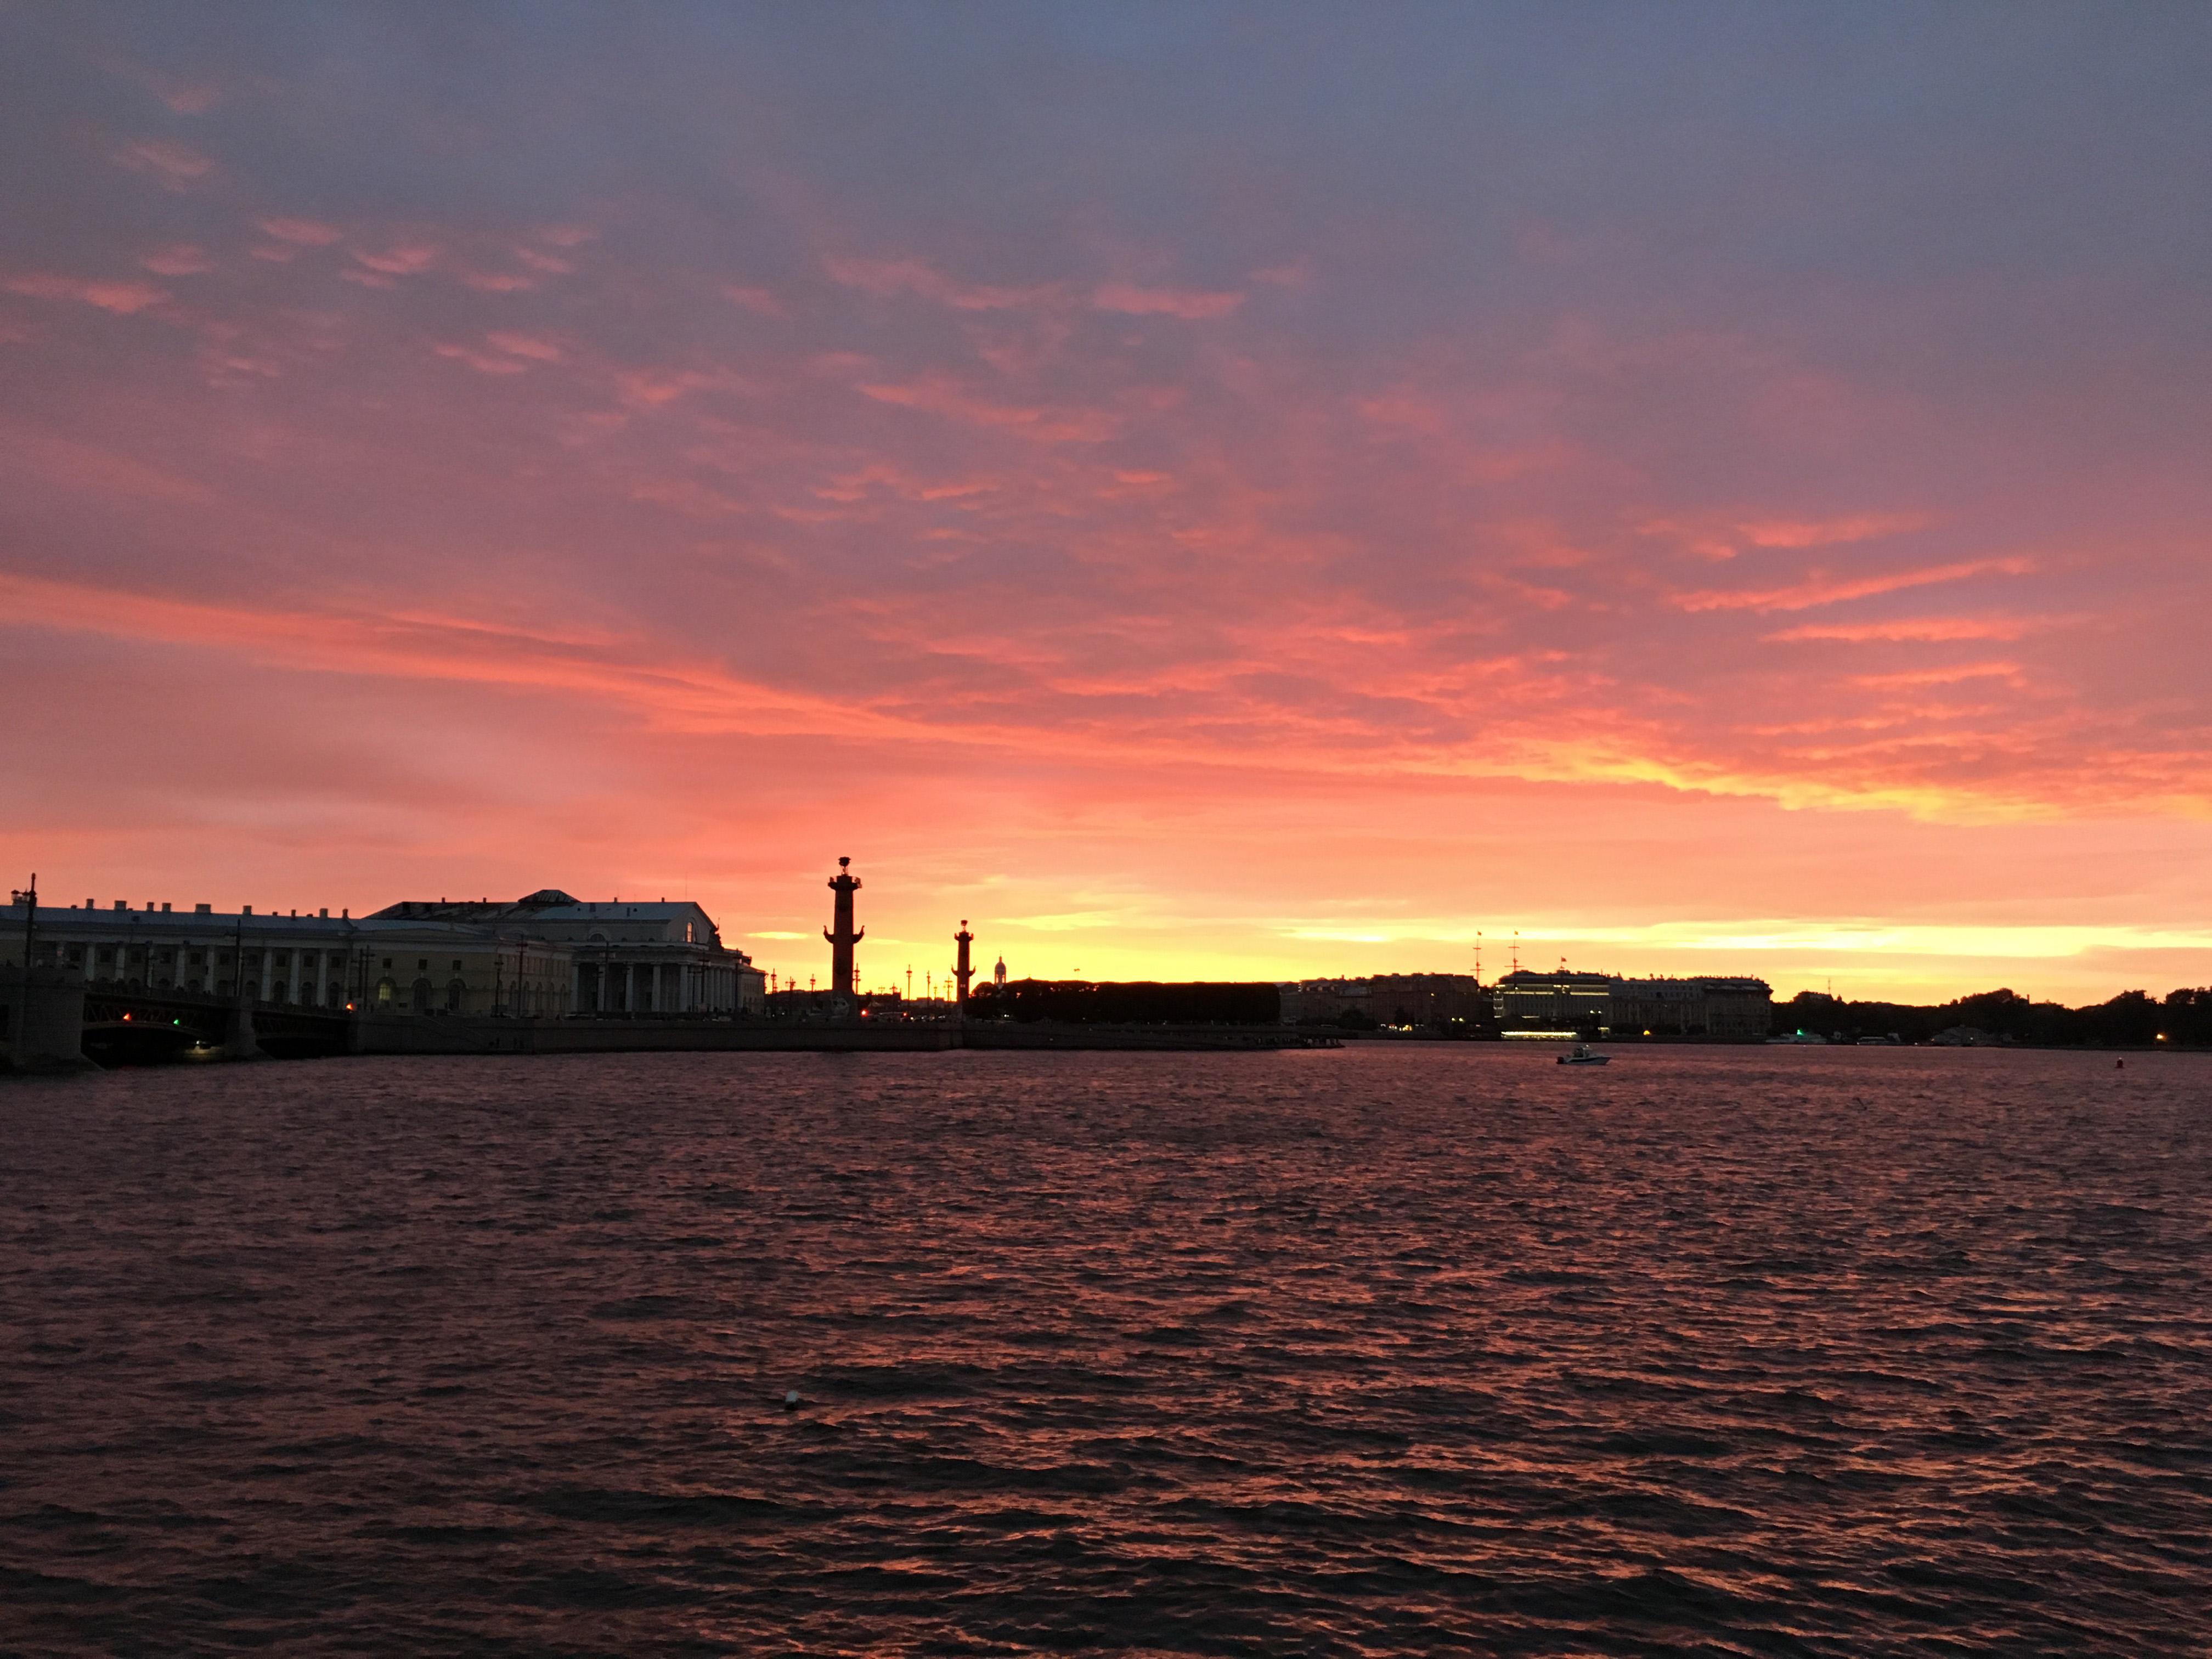 Закат солнца летний городской пейзаж белые ночи Петербург художник Альберт Сафиуллин